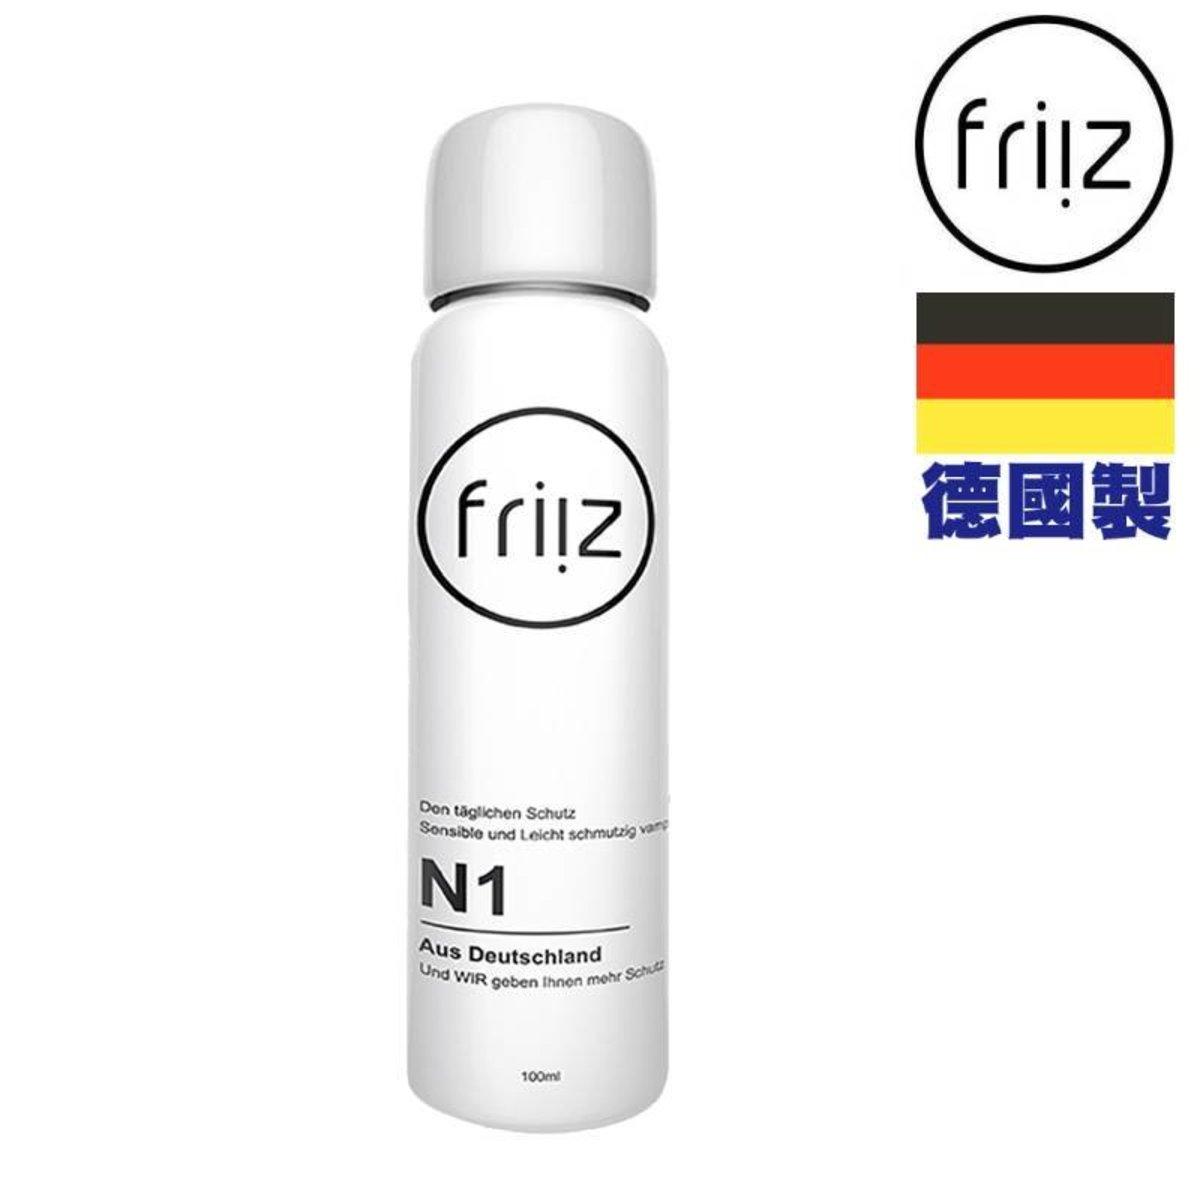 N1 Nano Waterproof and Antifouling Spray 100ml   Made in Germany